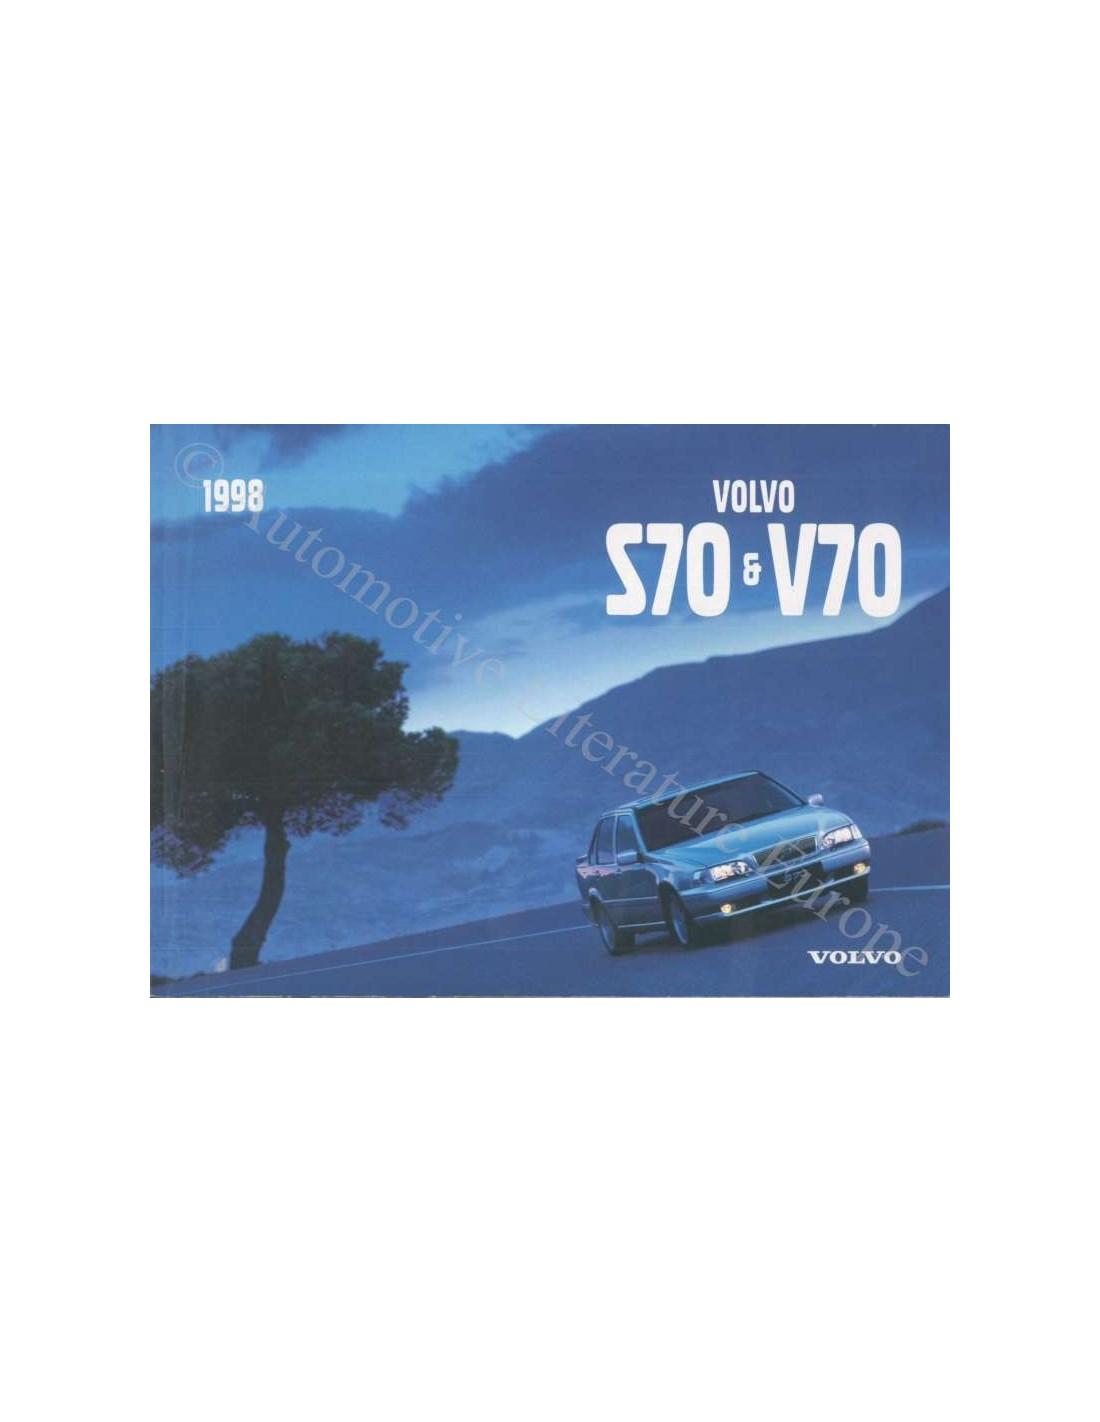 1998 volvo s70 v70 owner s manual swedisch rh autolit eu 1999 Volvo S70 1998 Volvo V70